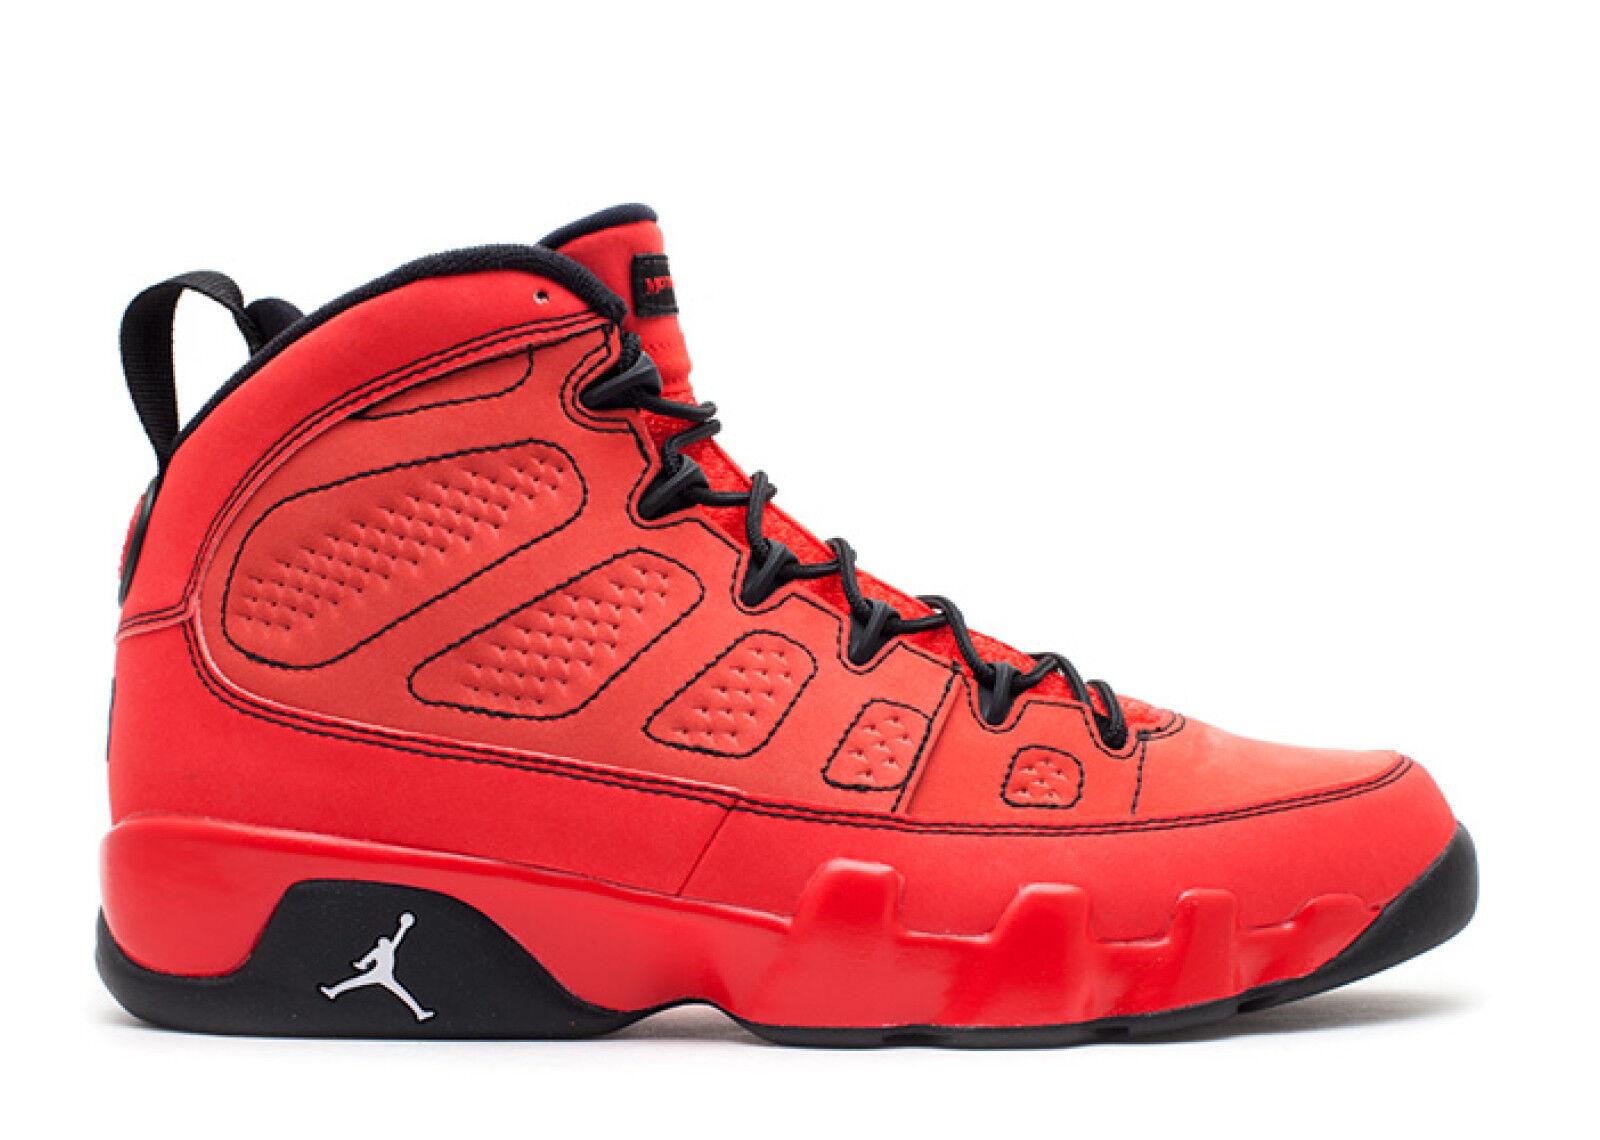 Nike air jordan 9 jones ix retro rosso motoscafo jones 9 numero 13.302370-645 7072fe